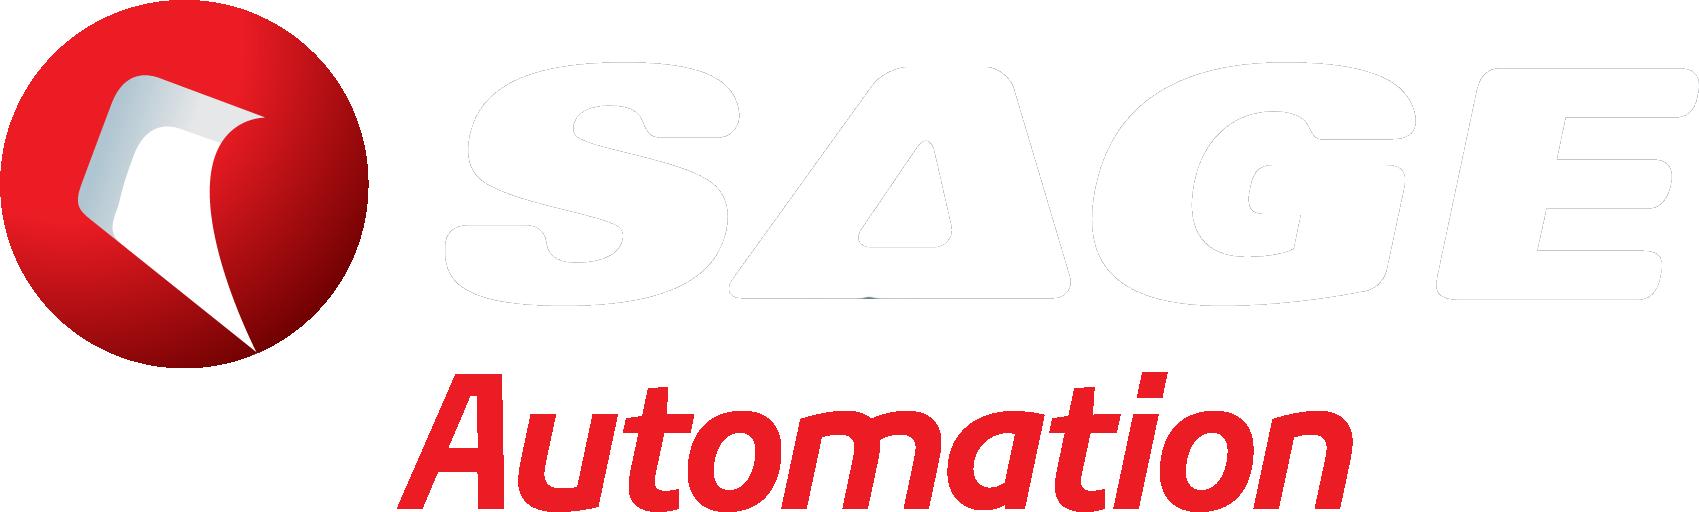 sage-logo-white.png